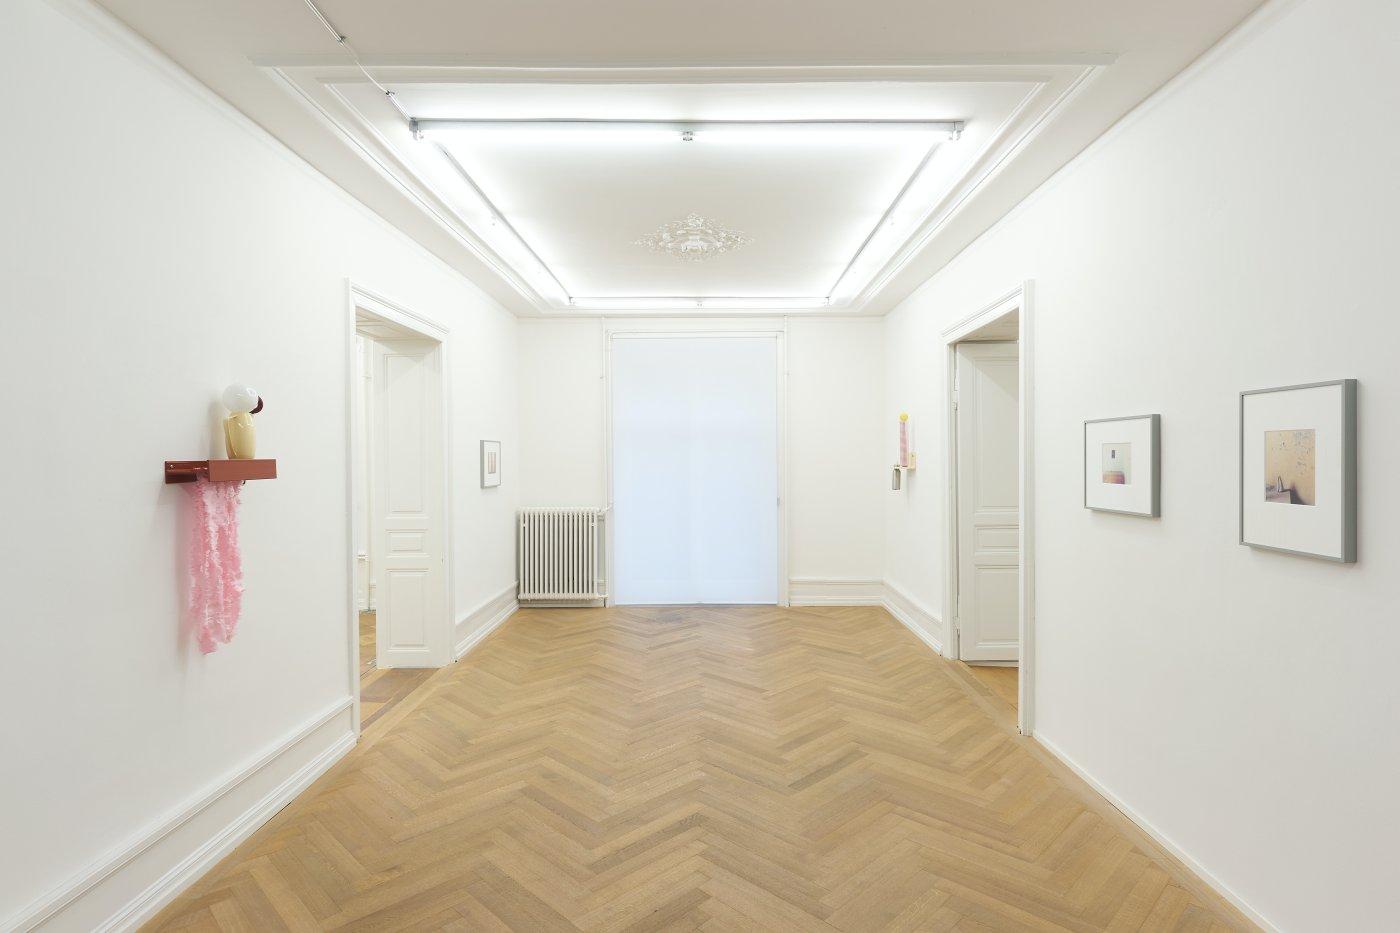 Mai 36 Galerie Studio 2